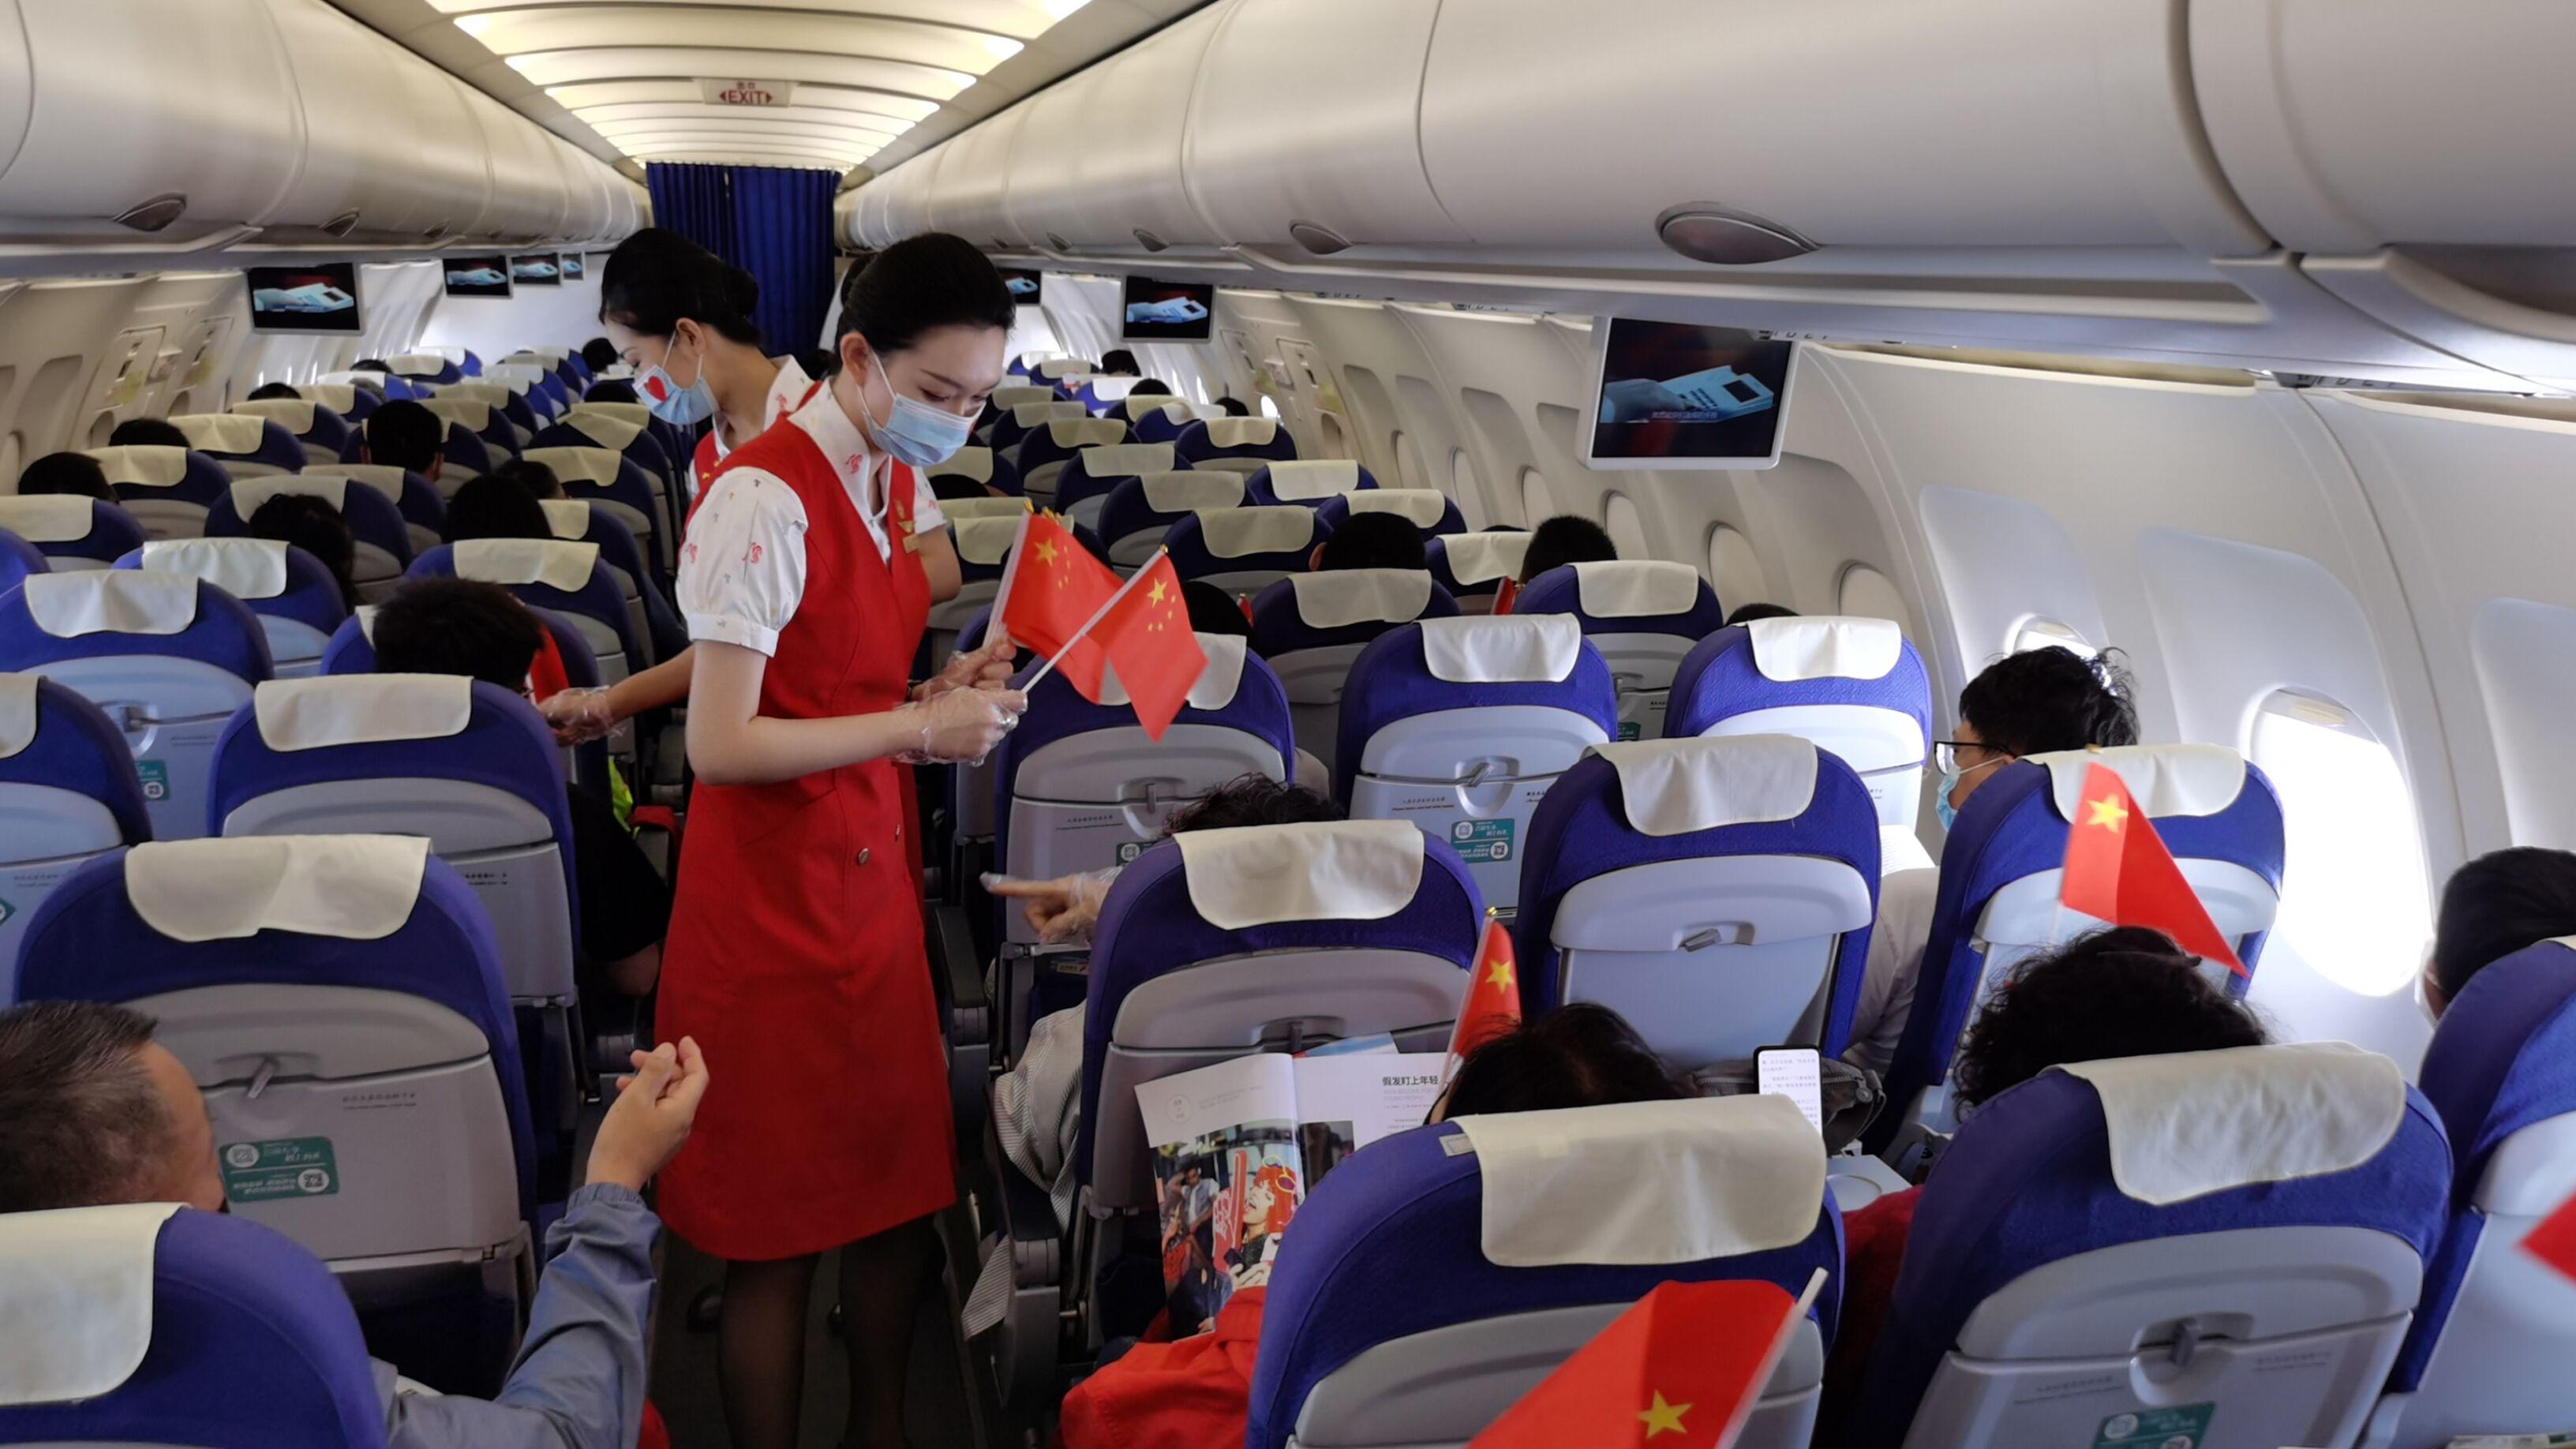 庆建党百年 深航举行党史进客舱主题航班活动